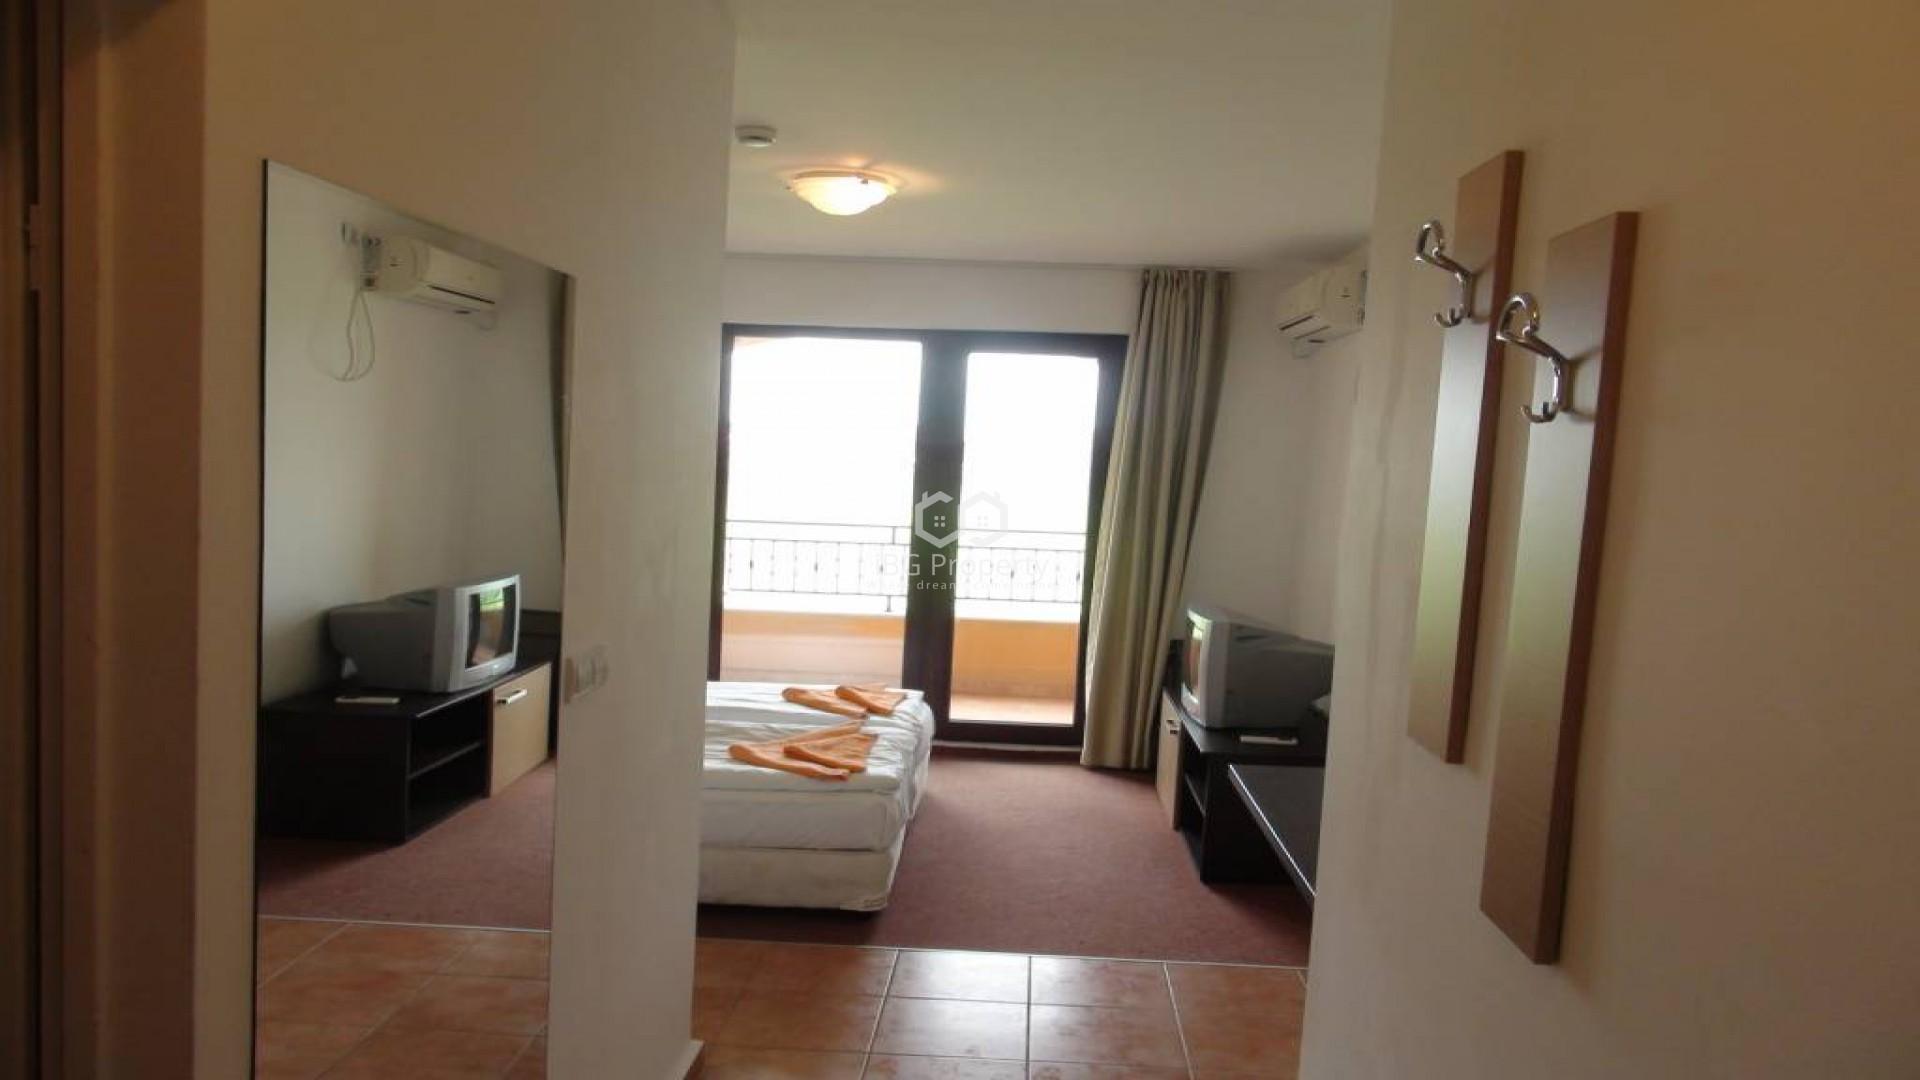 Едностаен апартамент Ахелой 35 m2